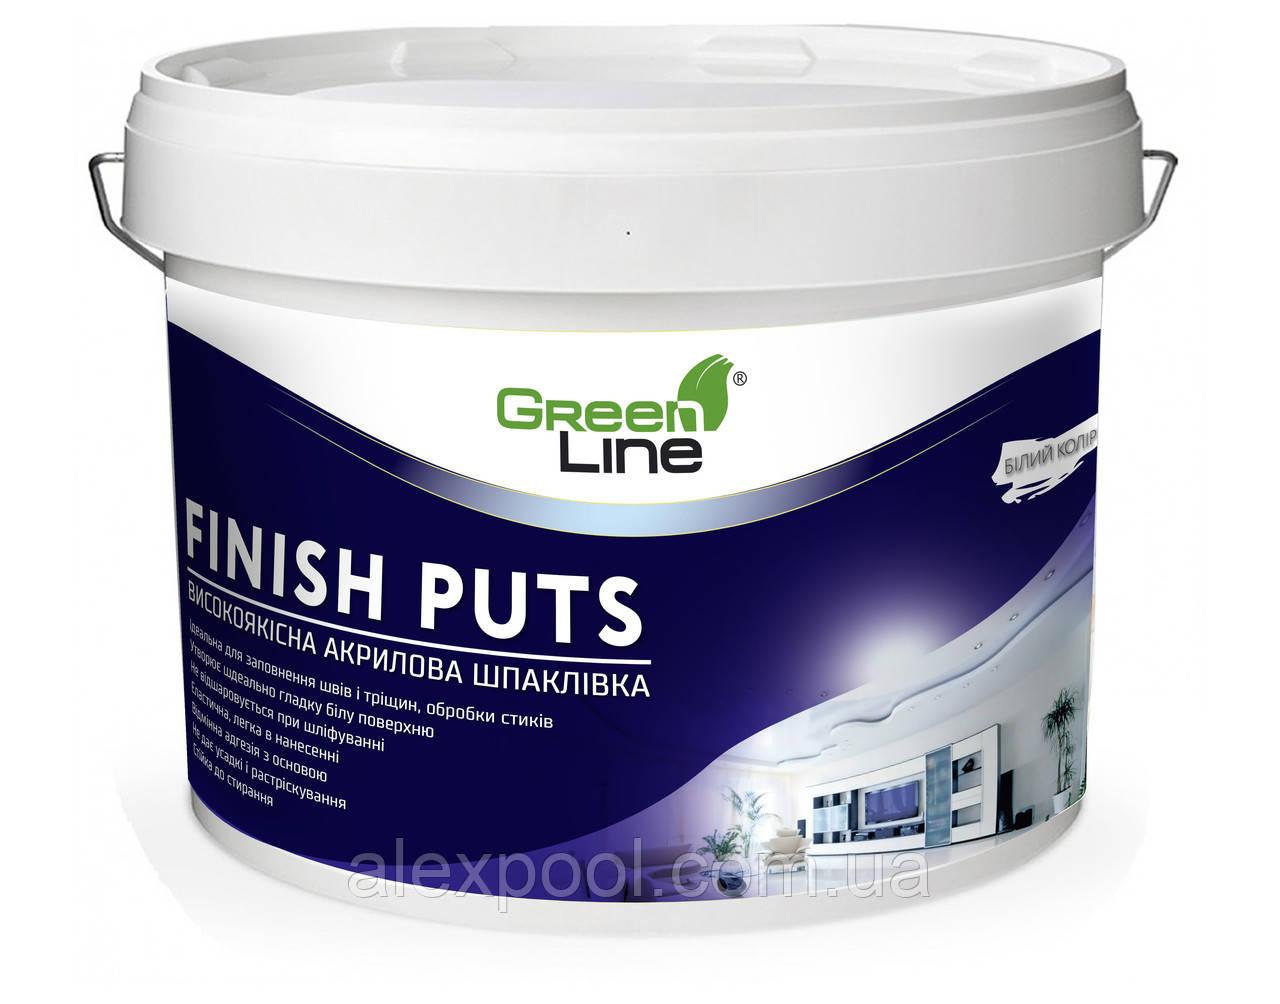 Финишная акриловая шпаклевка TM Green Line FINISH PUTS 5 л